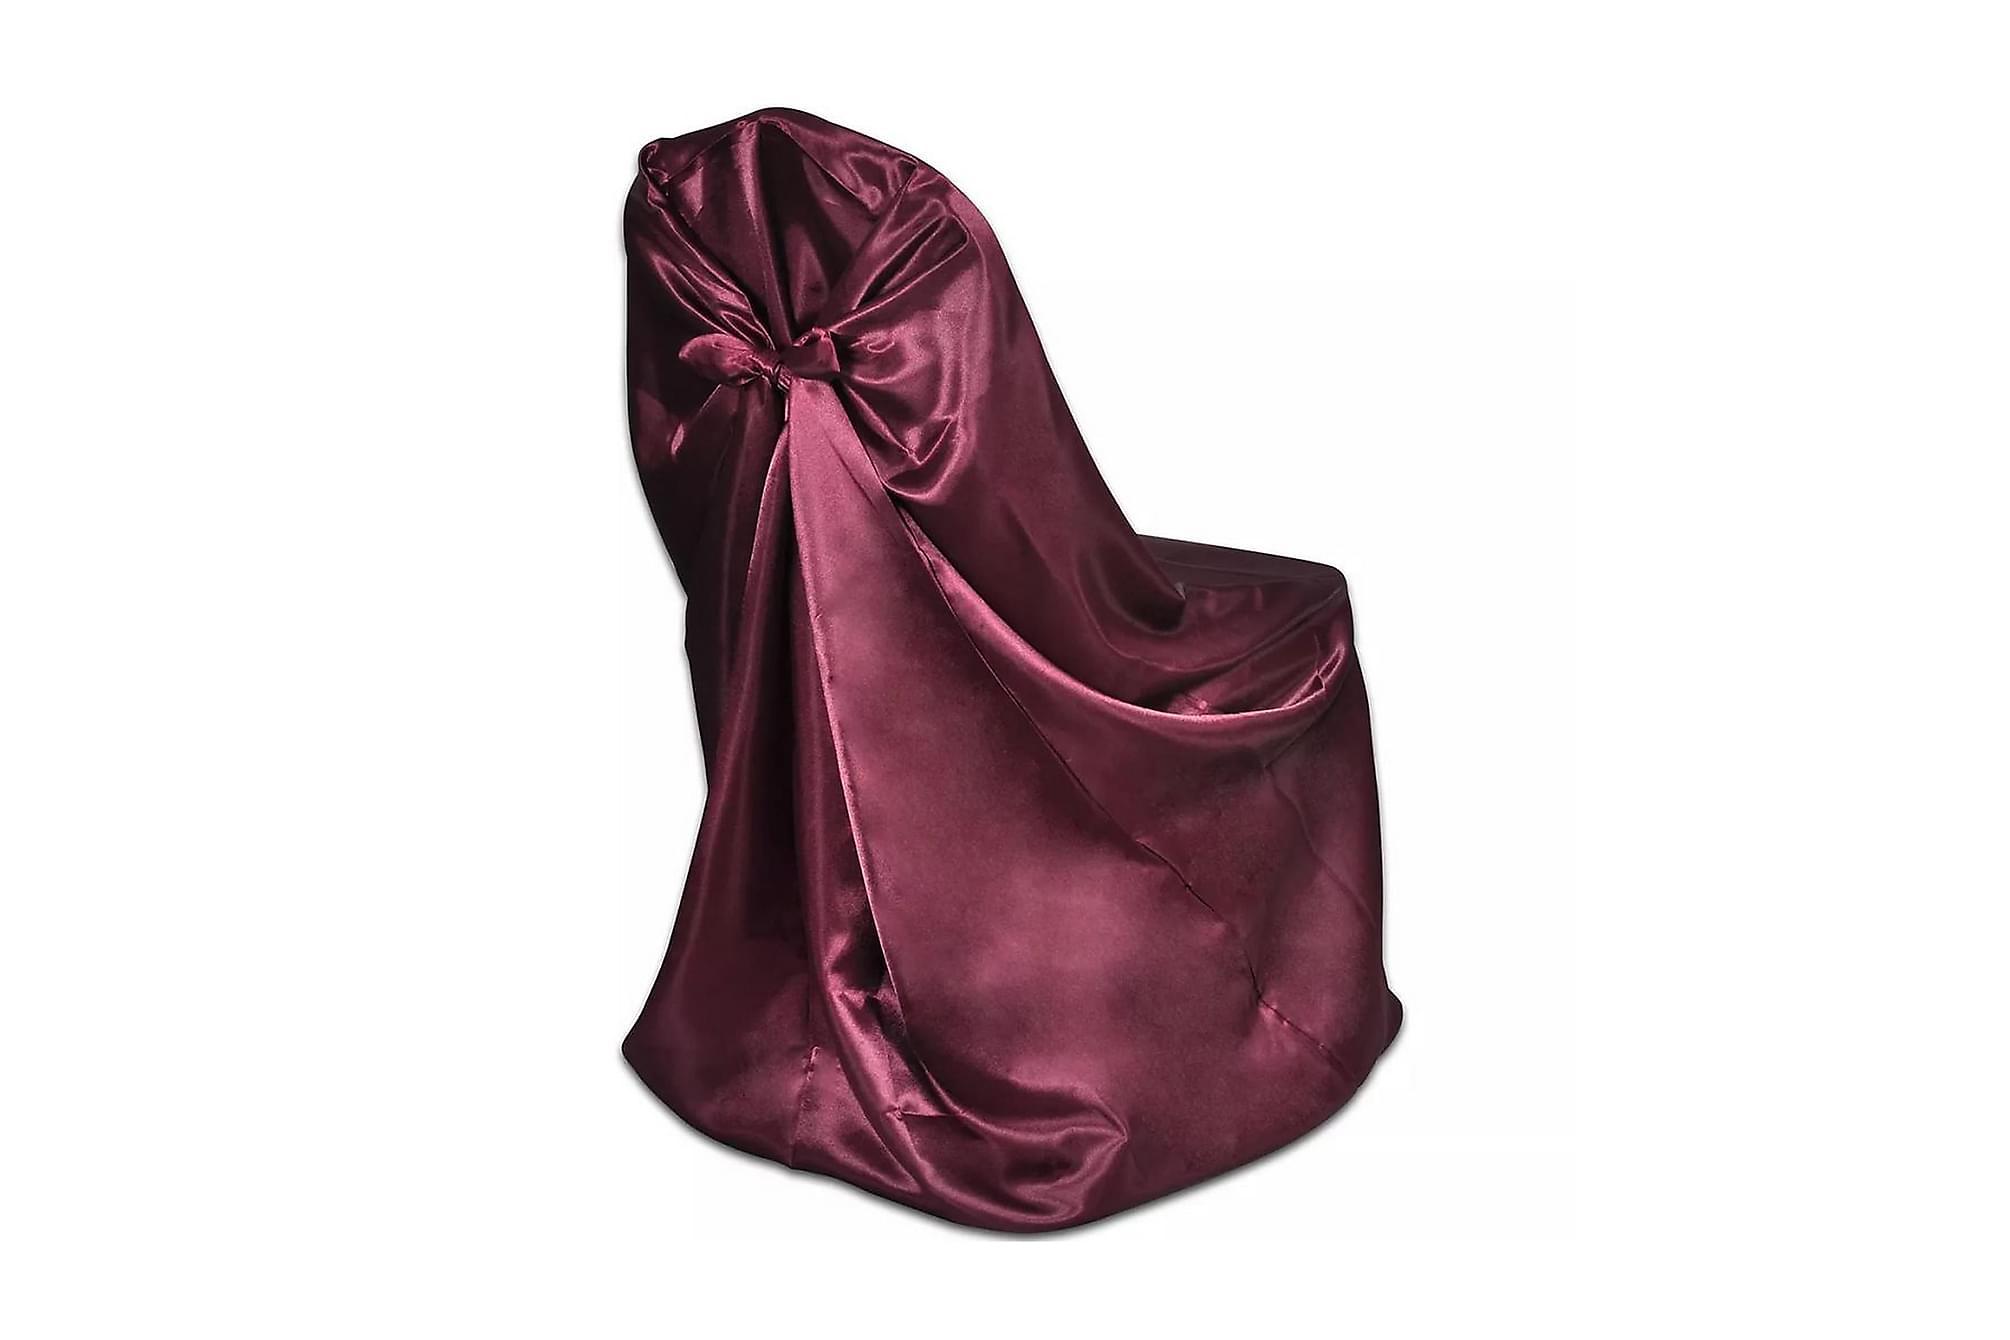 Stolsklädsel till bröllopsmiddag 6 st Burgundy, Möbelvård